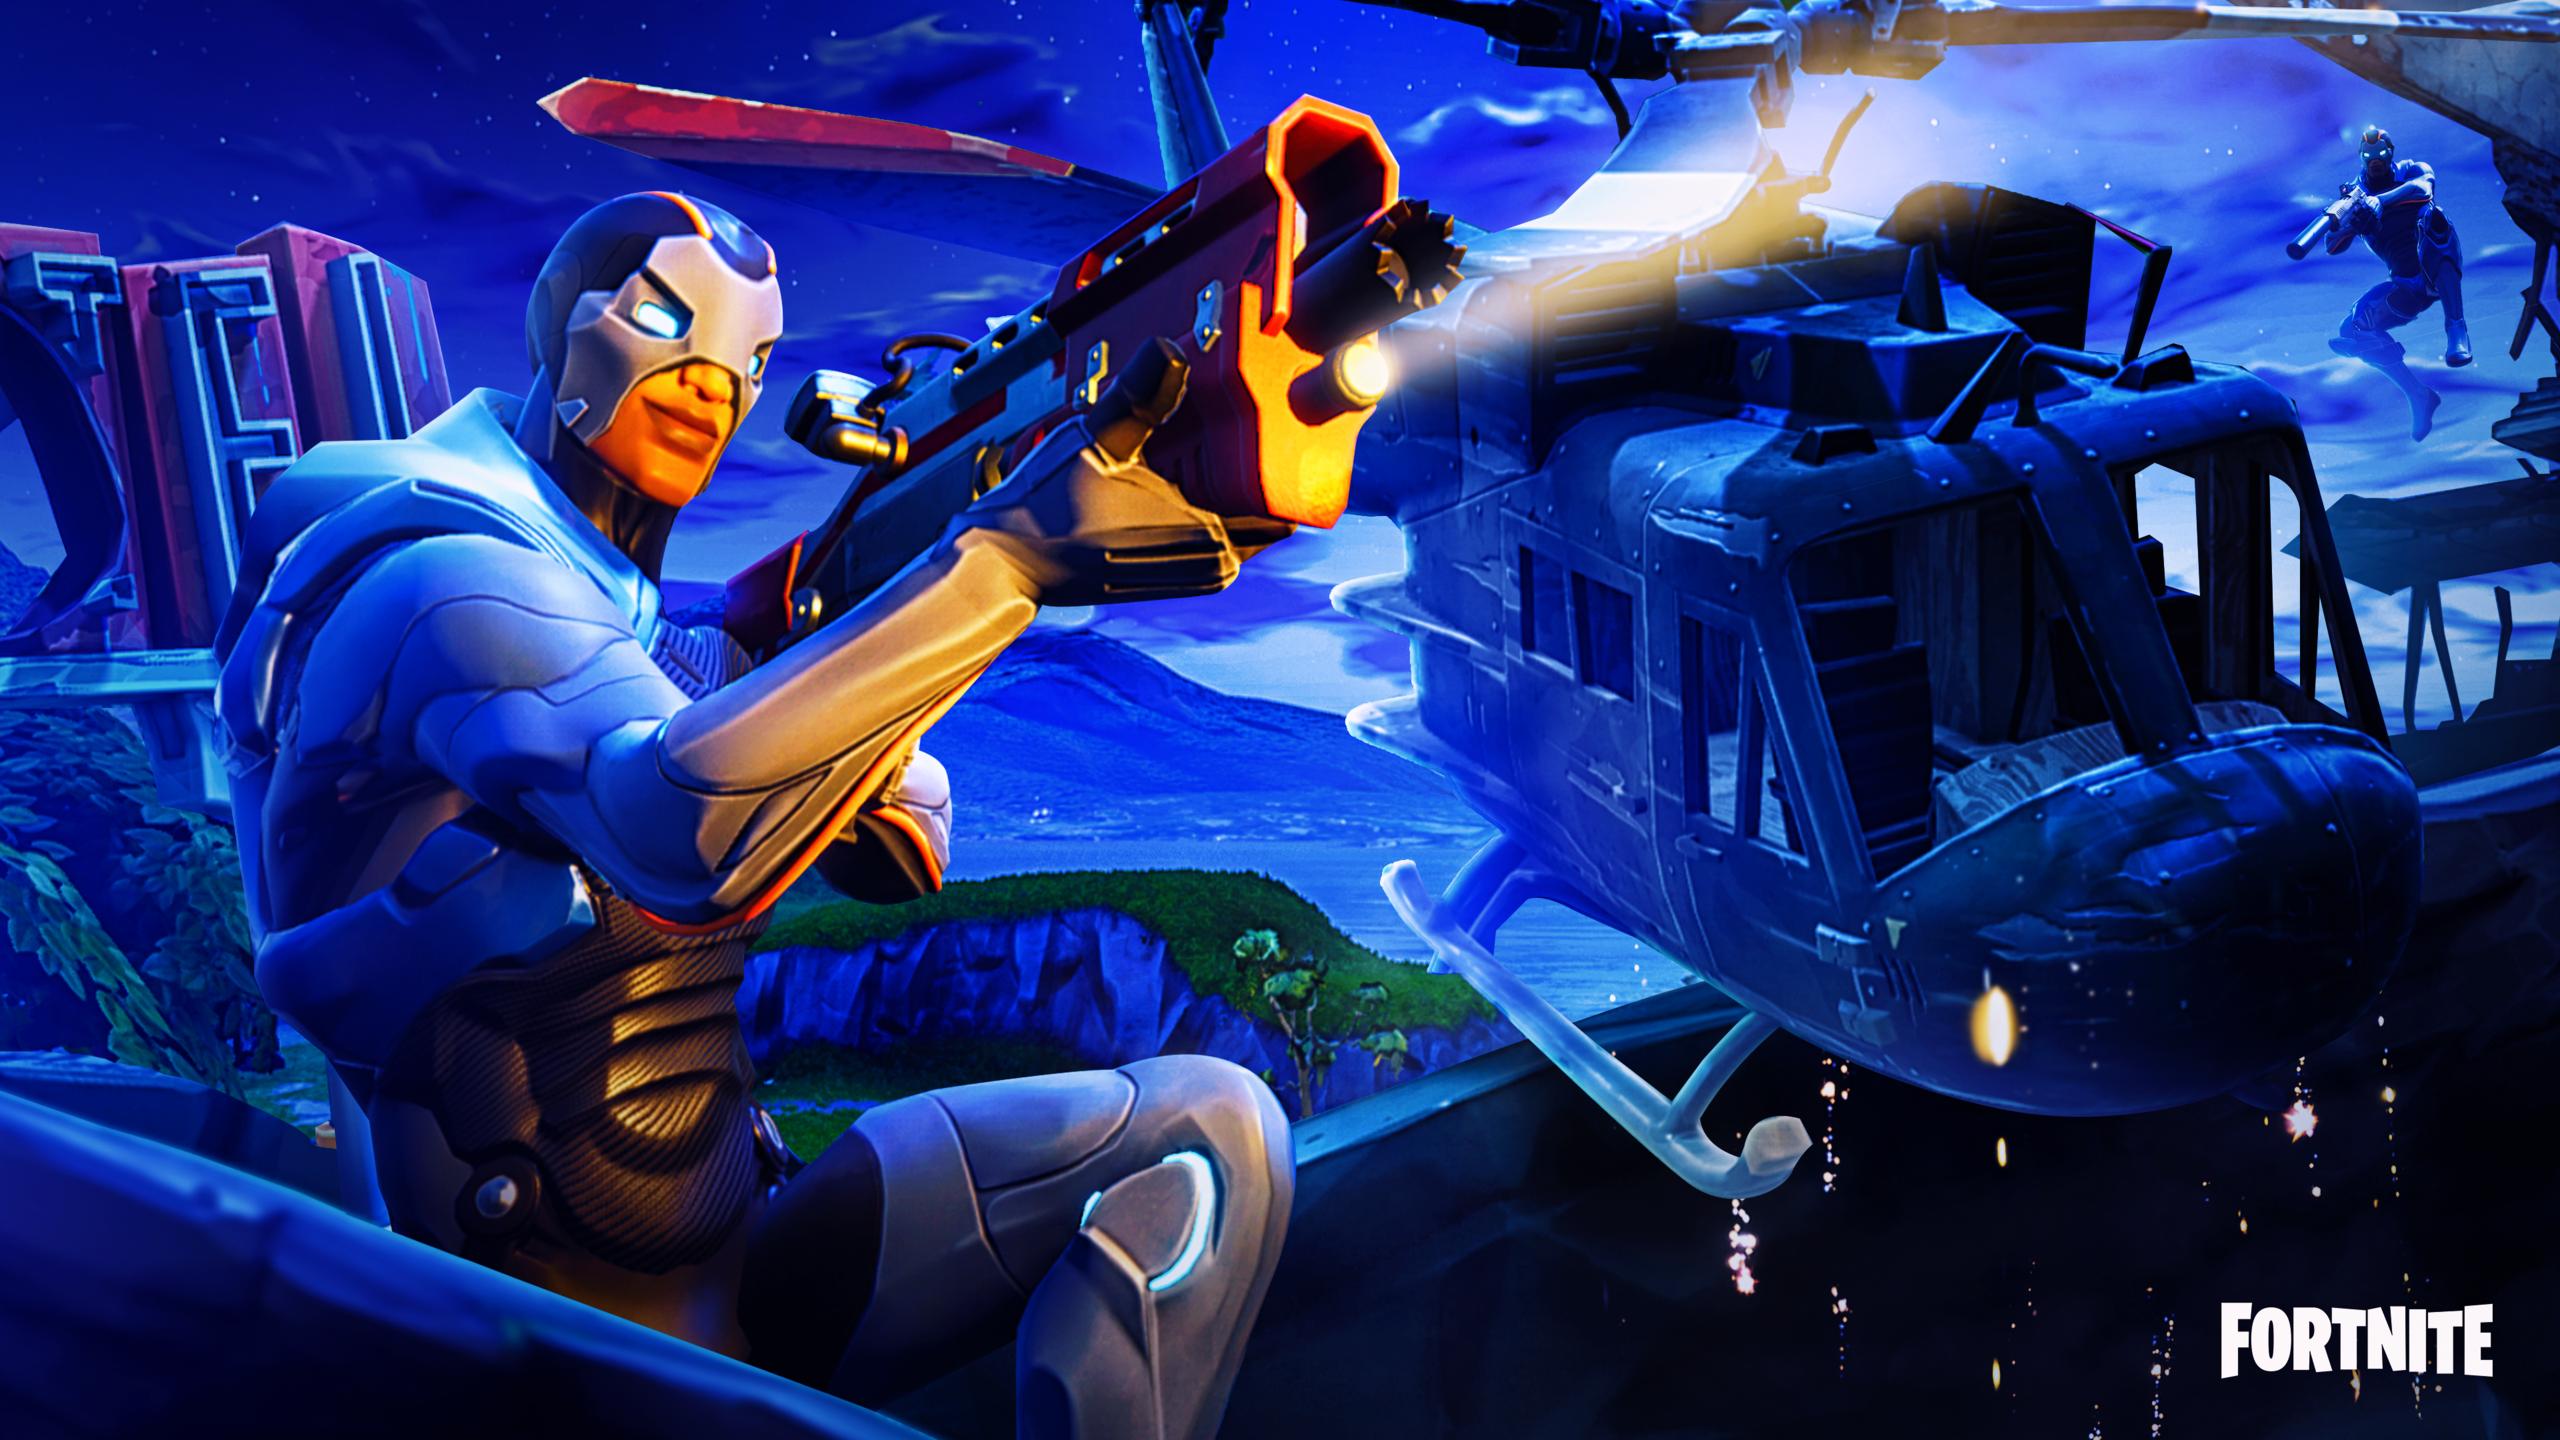 Gaming Wallpaper image